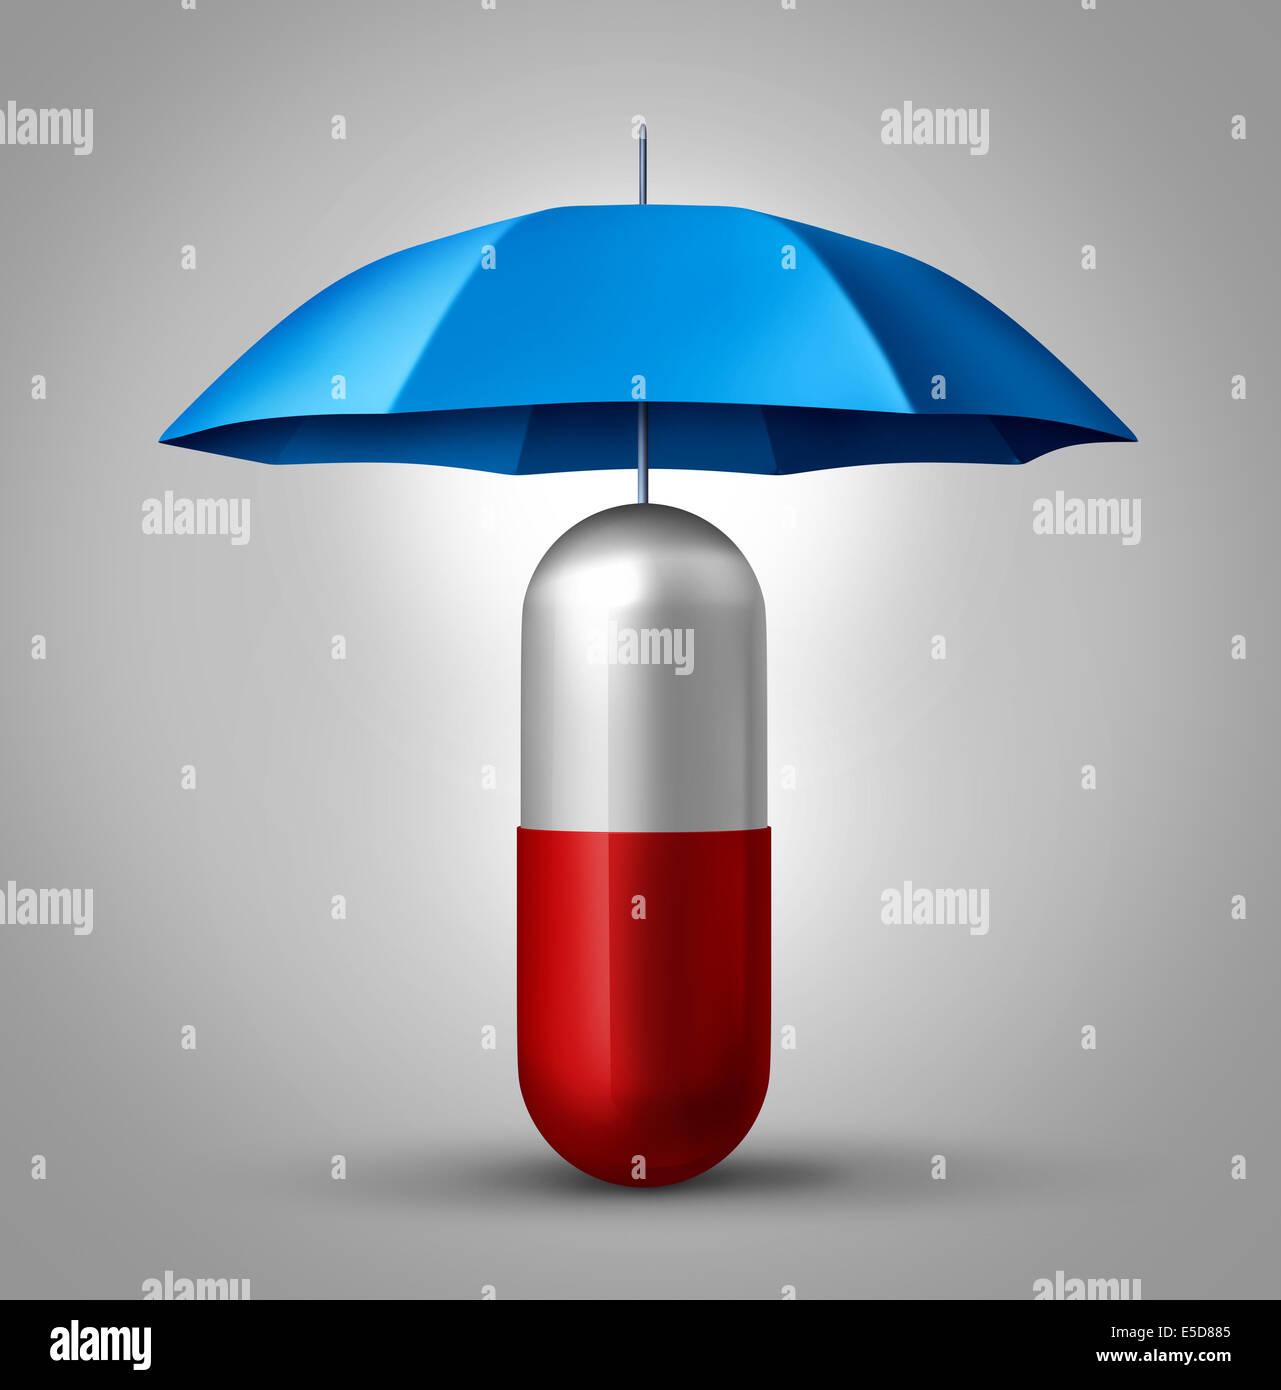 Protezione della medicina e del farmaco il concetto di sicurezza come una cura di salute simbolo con una capsula Immagini Stock